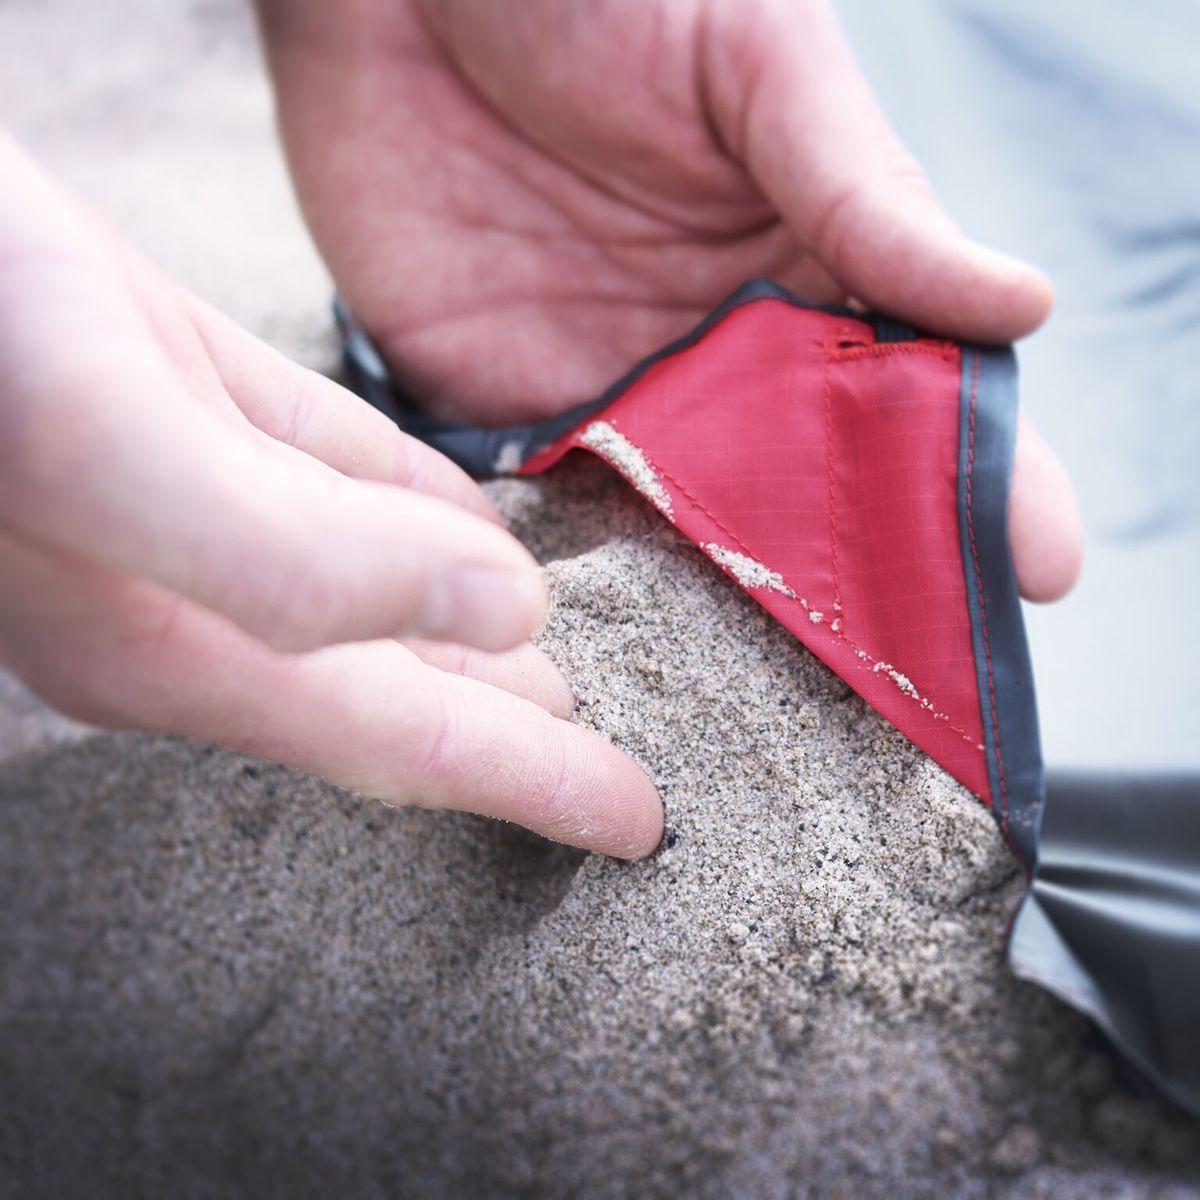 手のひらサイズになる大容量バッグ|《2〜4人用/レッド》いろんな場面で大活躍する、手のひらサイズにたためる撥水仕様のレジャーシート|Matador POCKET BLANKET